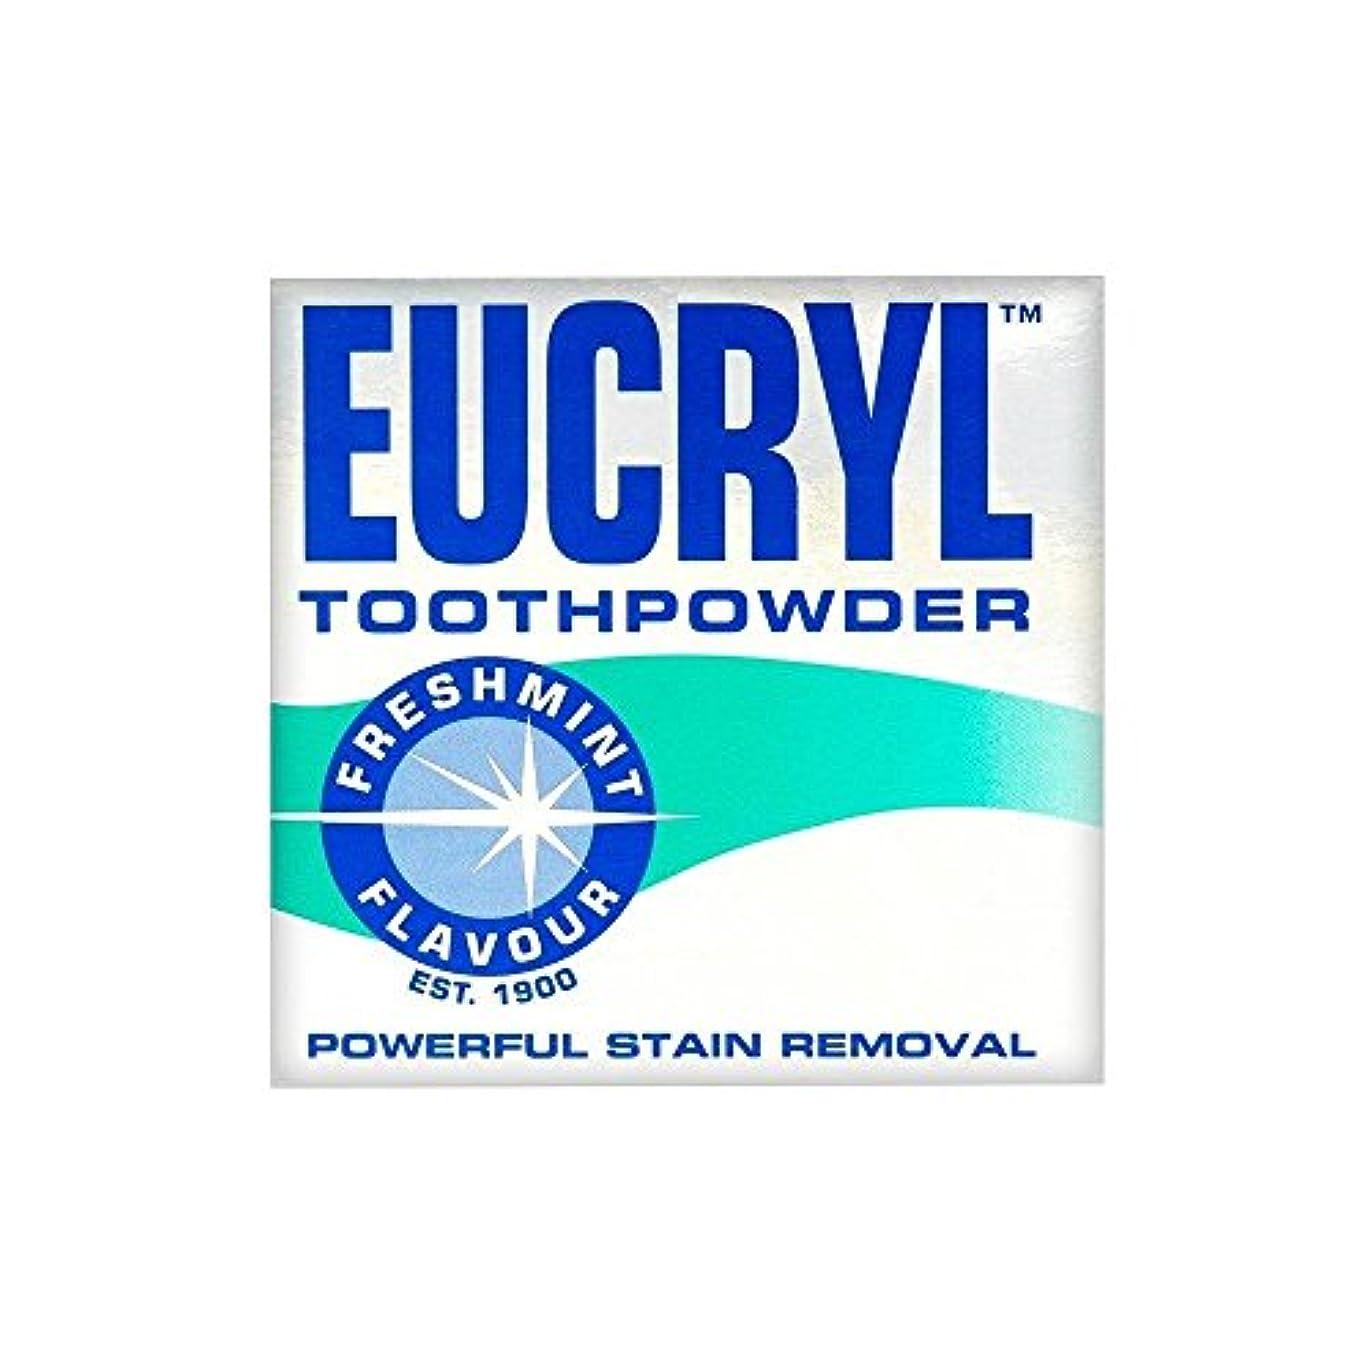 断言する預言者明らかにするEucryl Smokers Tooth Powder Freshmint Flavour (50g) Eucryl喫煙者の歯の粉末freshmint風味( 50グラム) [並行輸入品]